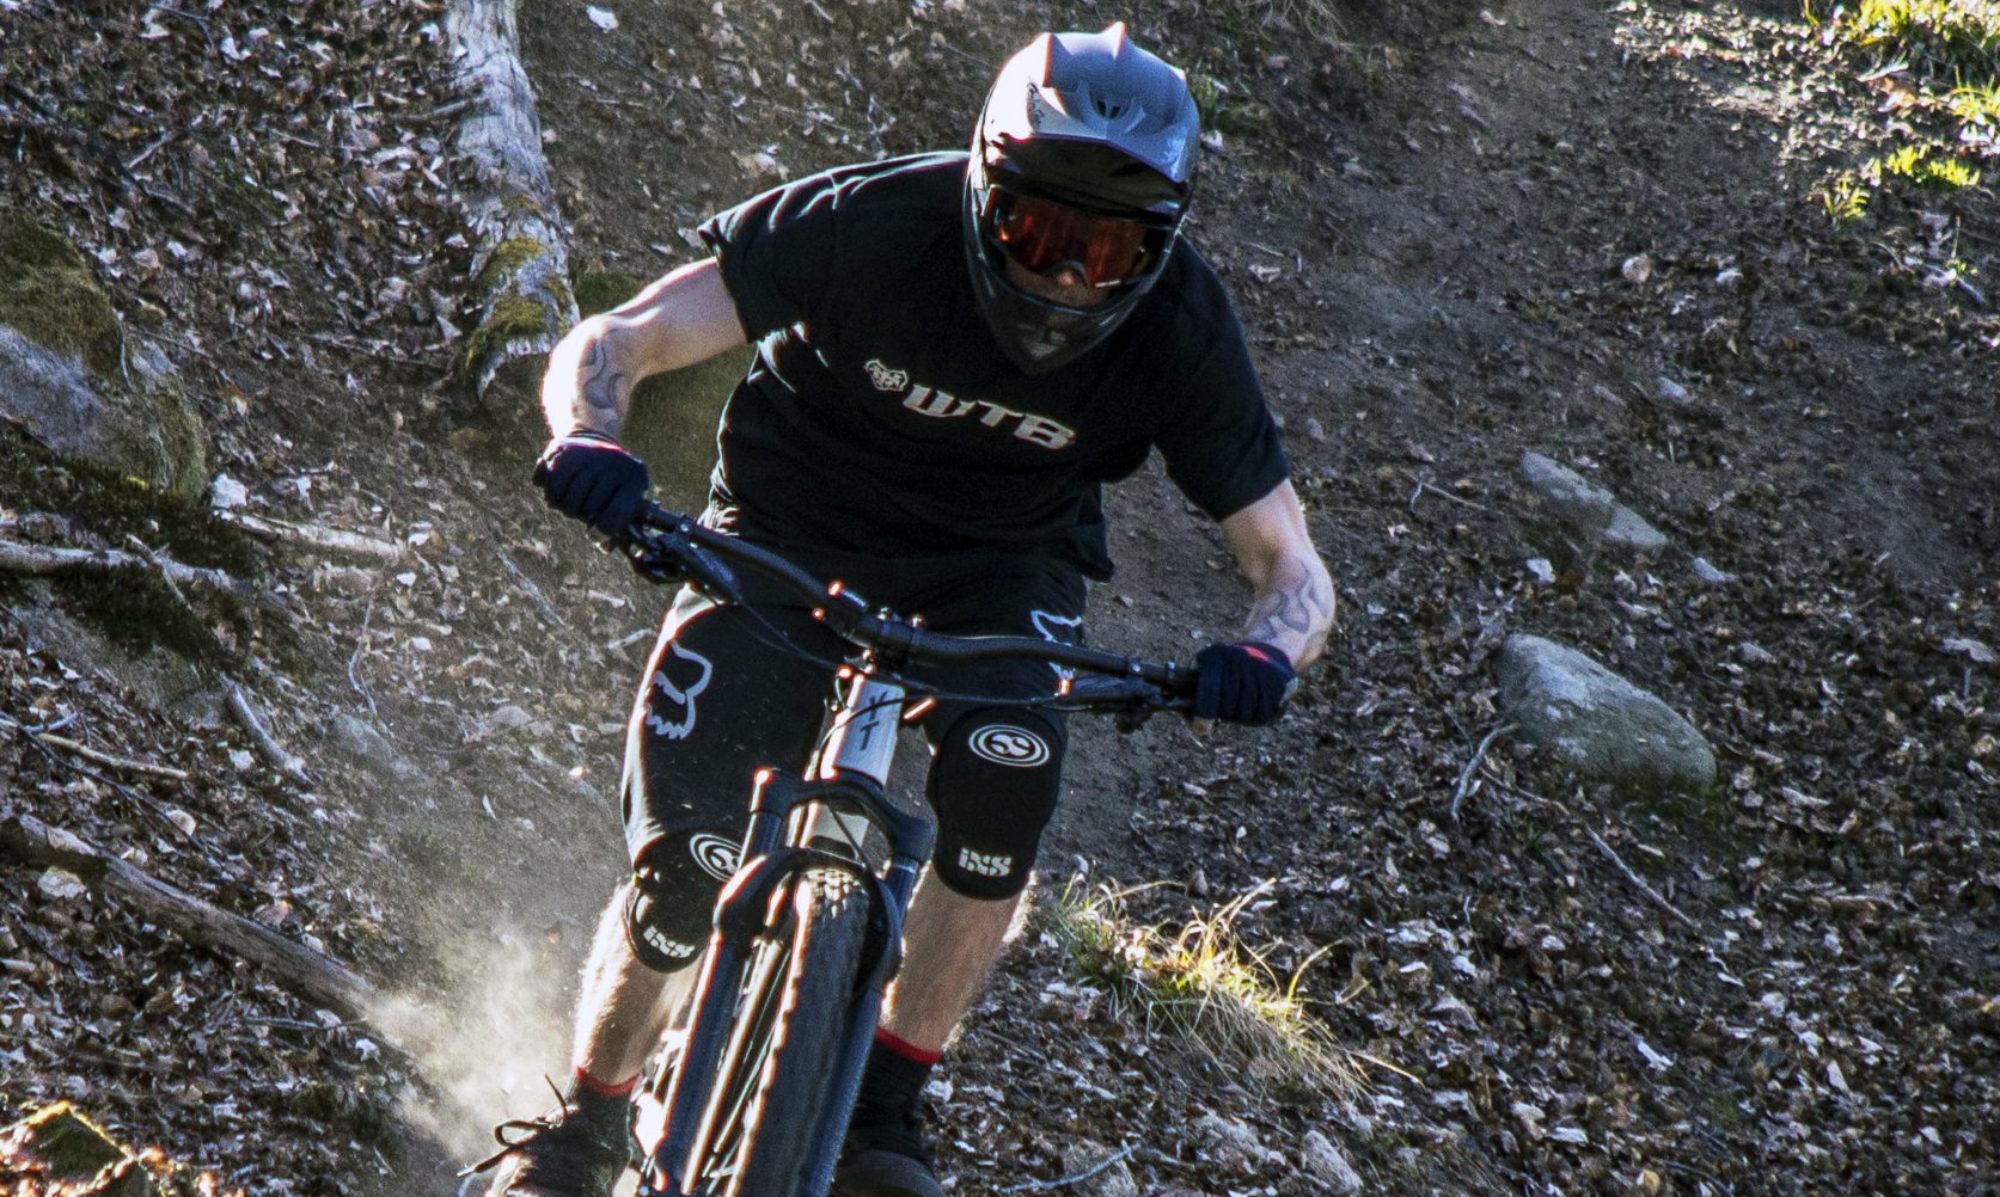 L-Bike and Sports